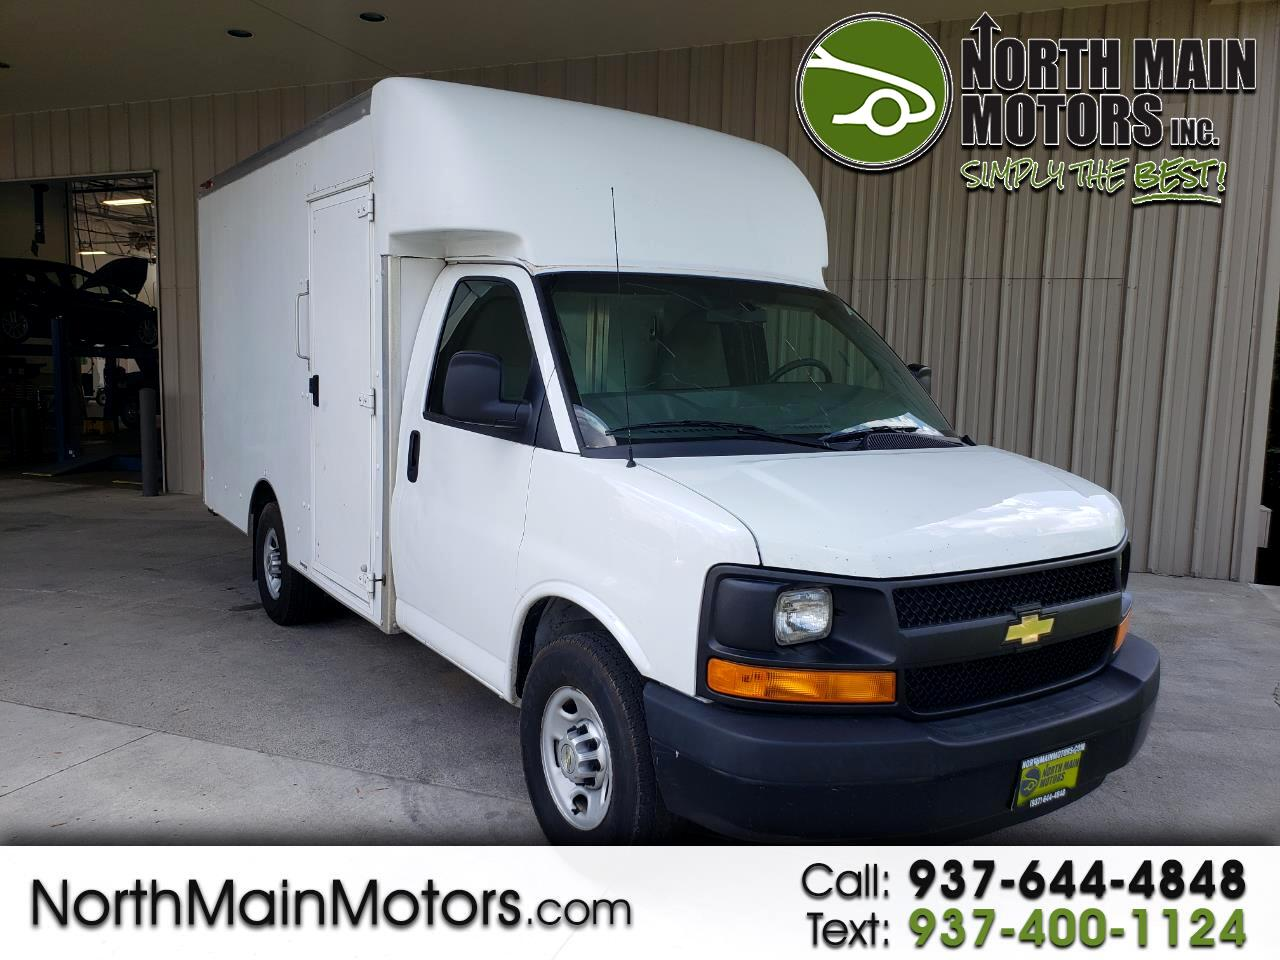 2014 Chevrolet Express Commercial Cutaway 3500 Van 139